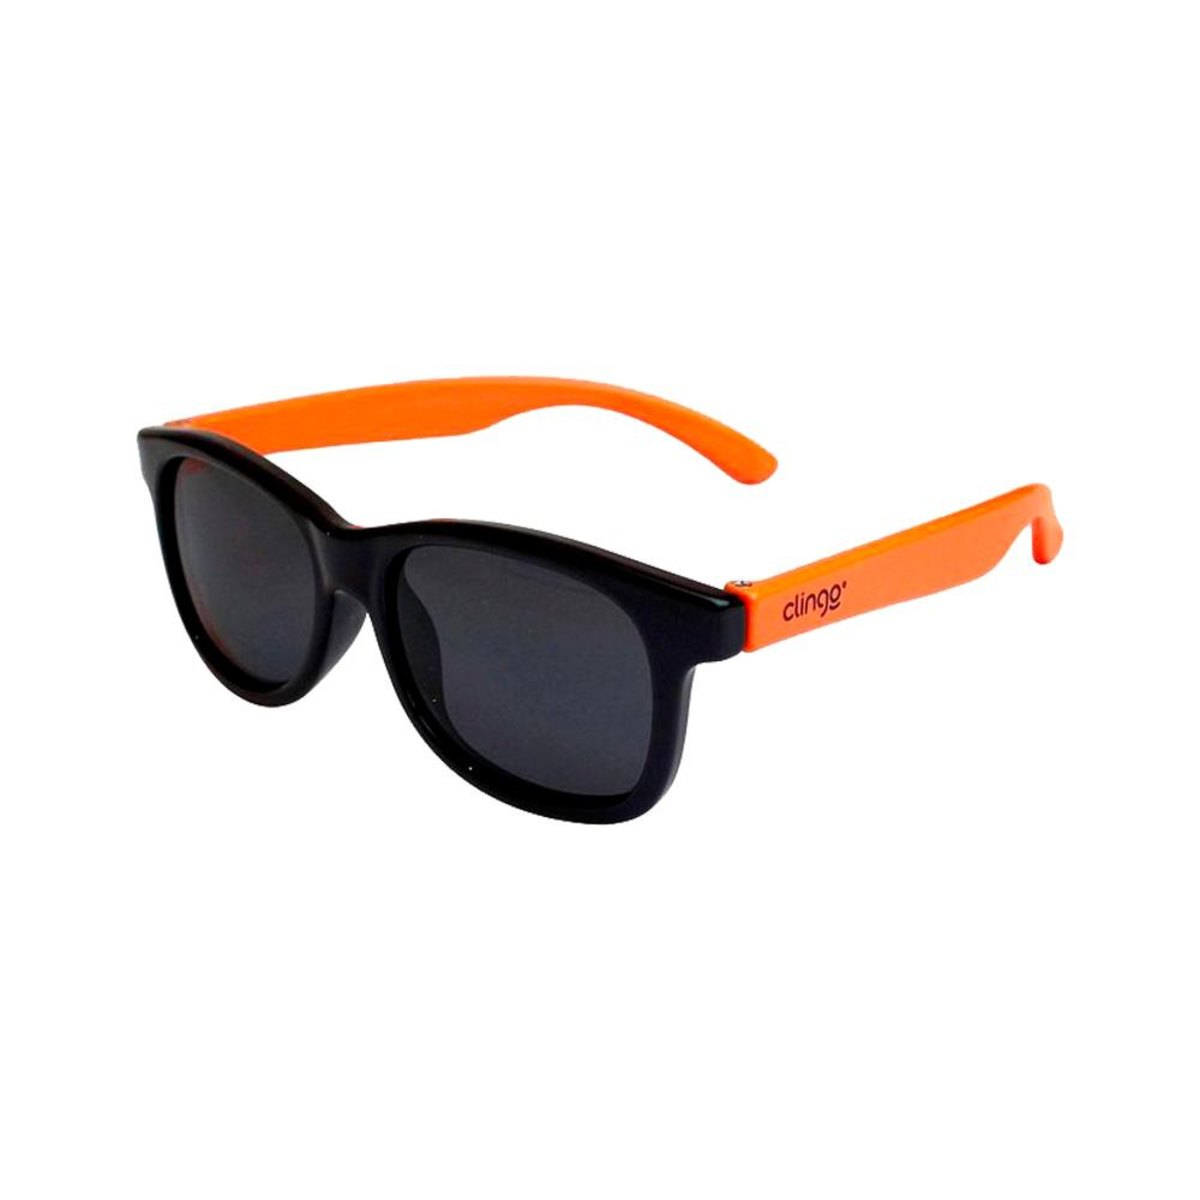 Óculos Escuros Clingo - 12m+ - Preto e Laranja